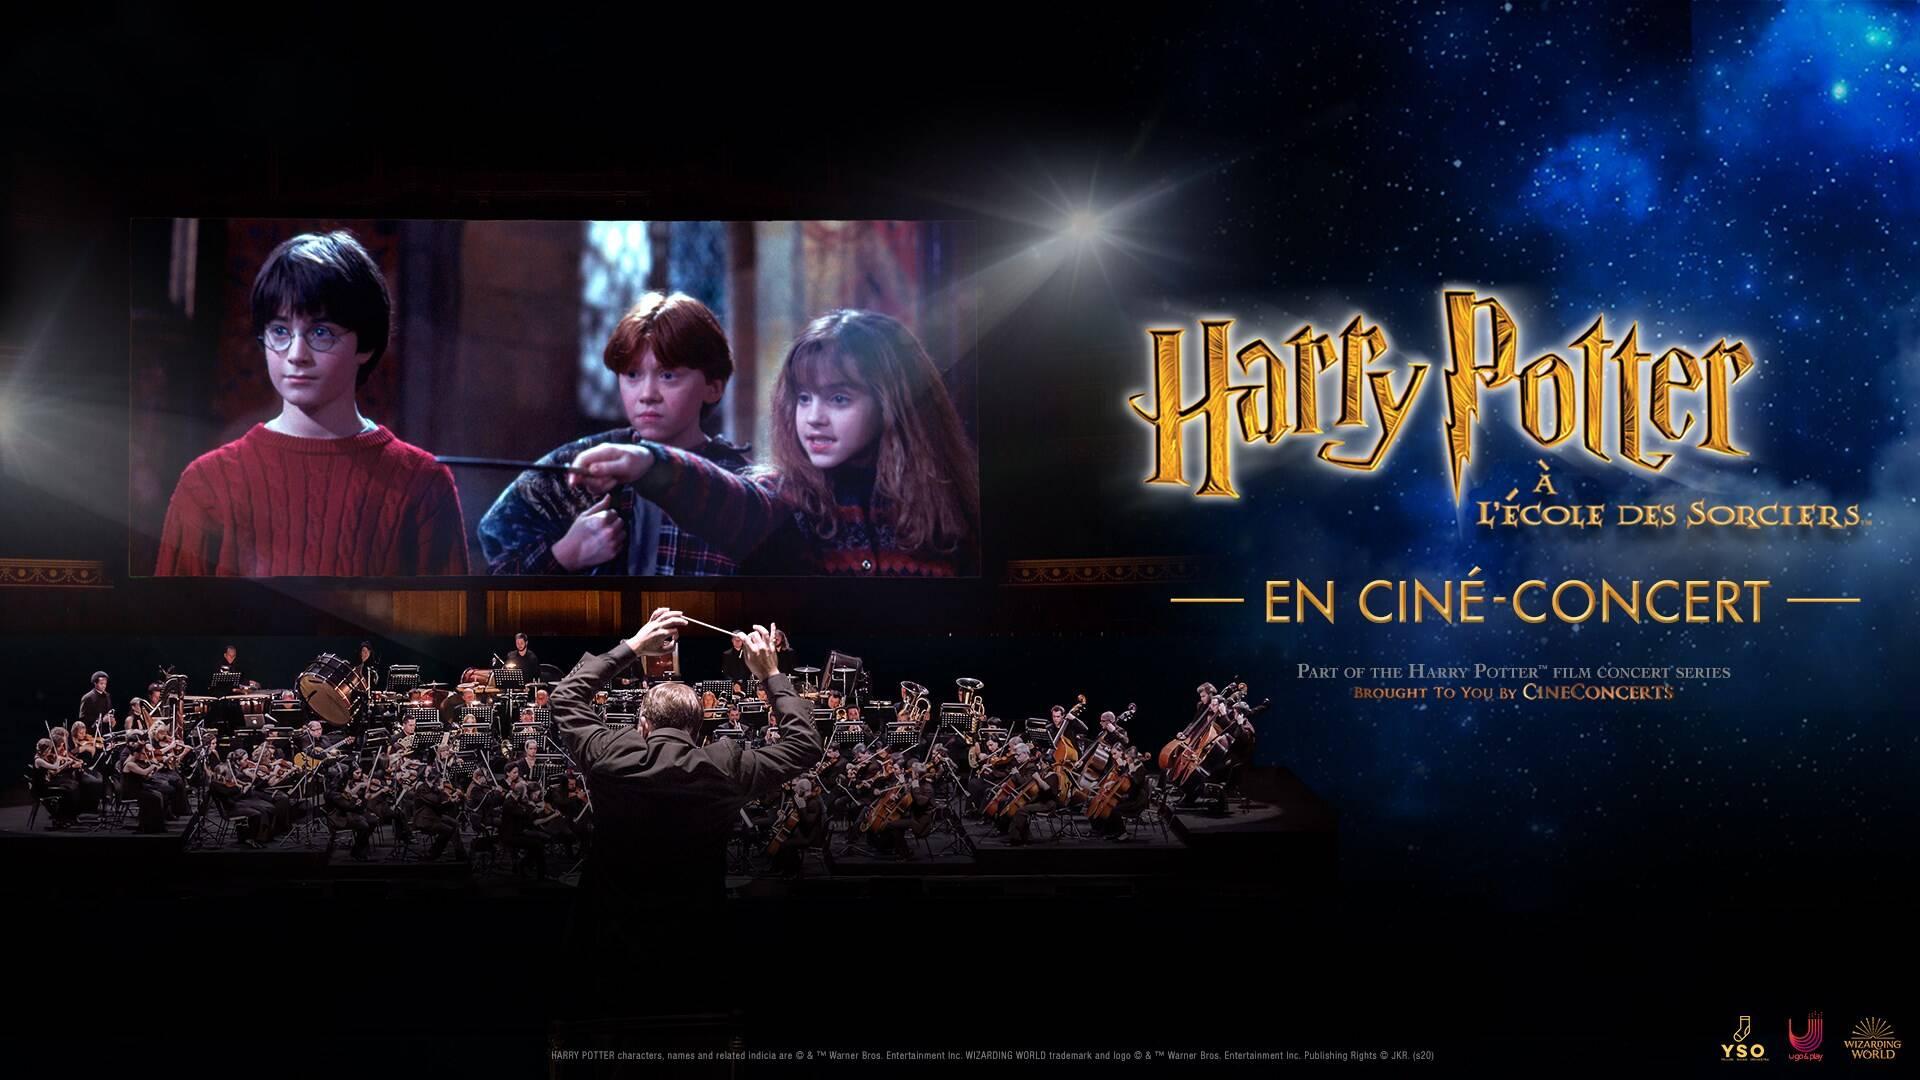 Revivez la magie d'Harry Potter lors d'un ciné concert à Lyon en décembre prochain